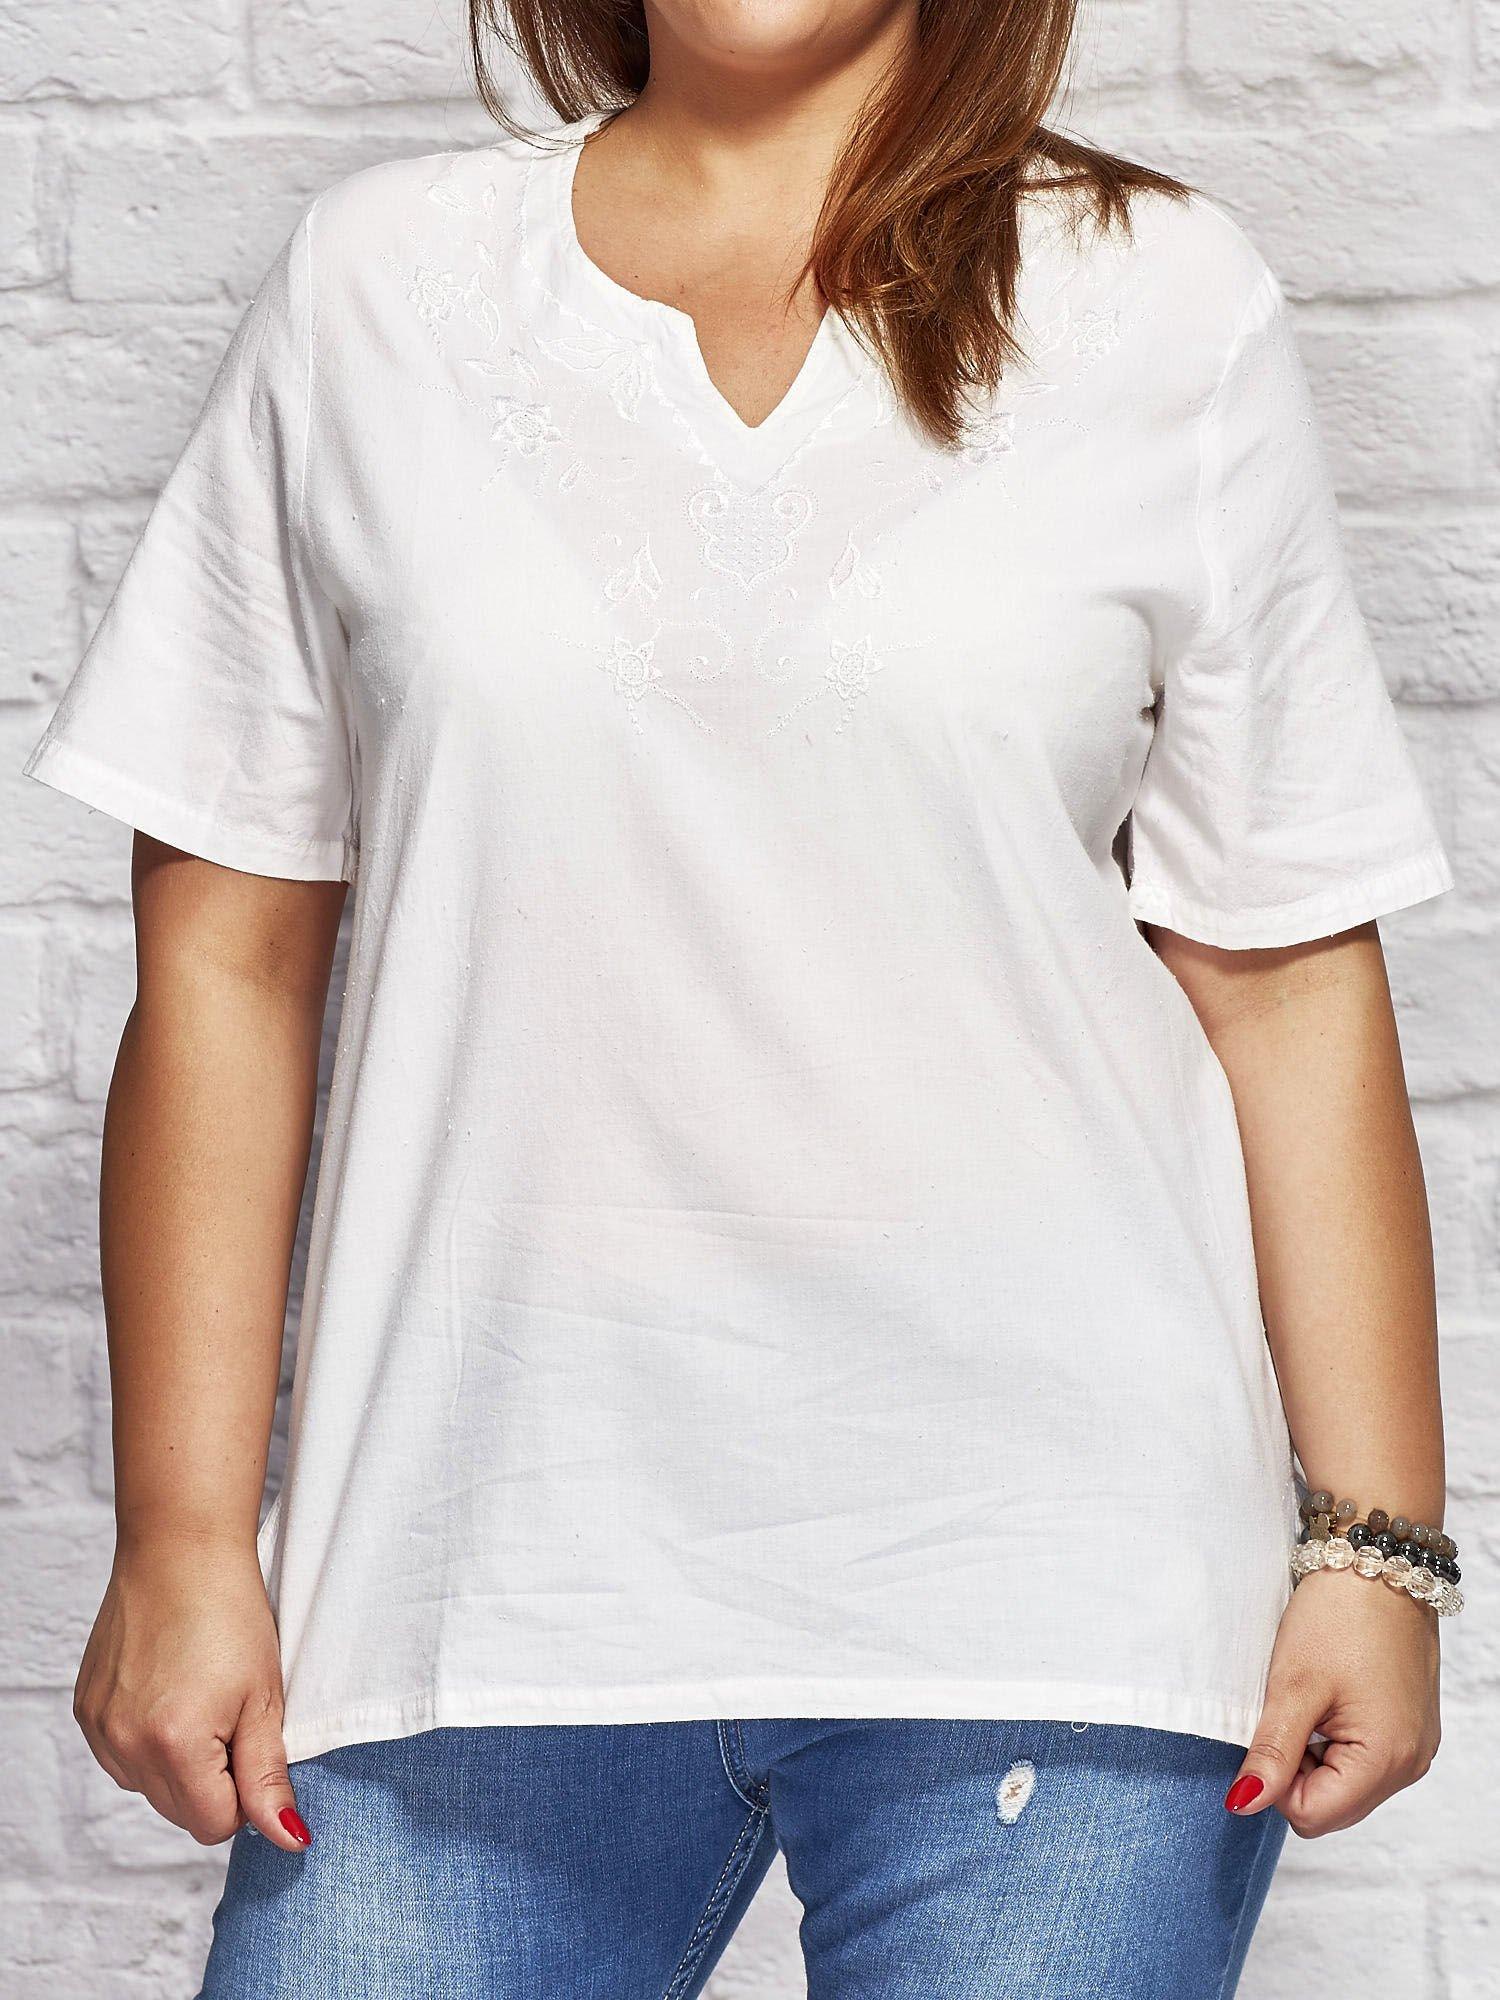 02383f66d5 Bluzka koszulowa z haftowanym wzorem biała PLUS SIZE - Bluzka plus ...